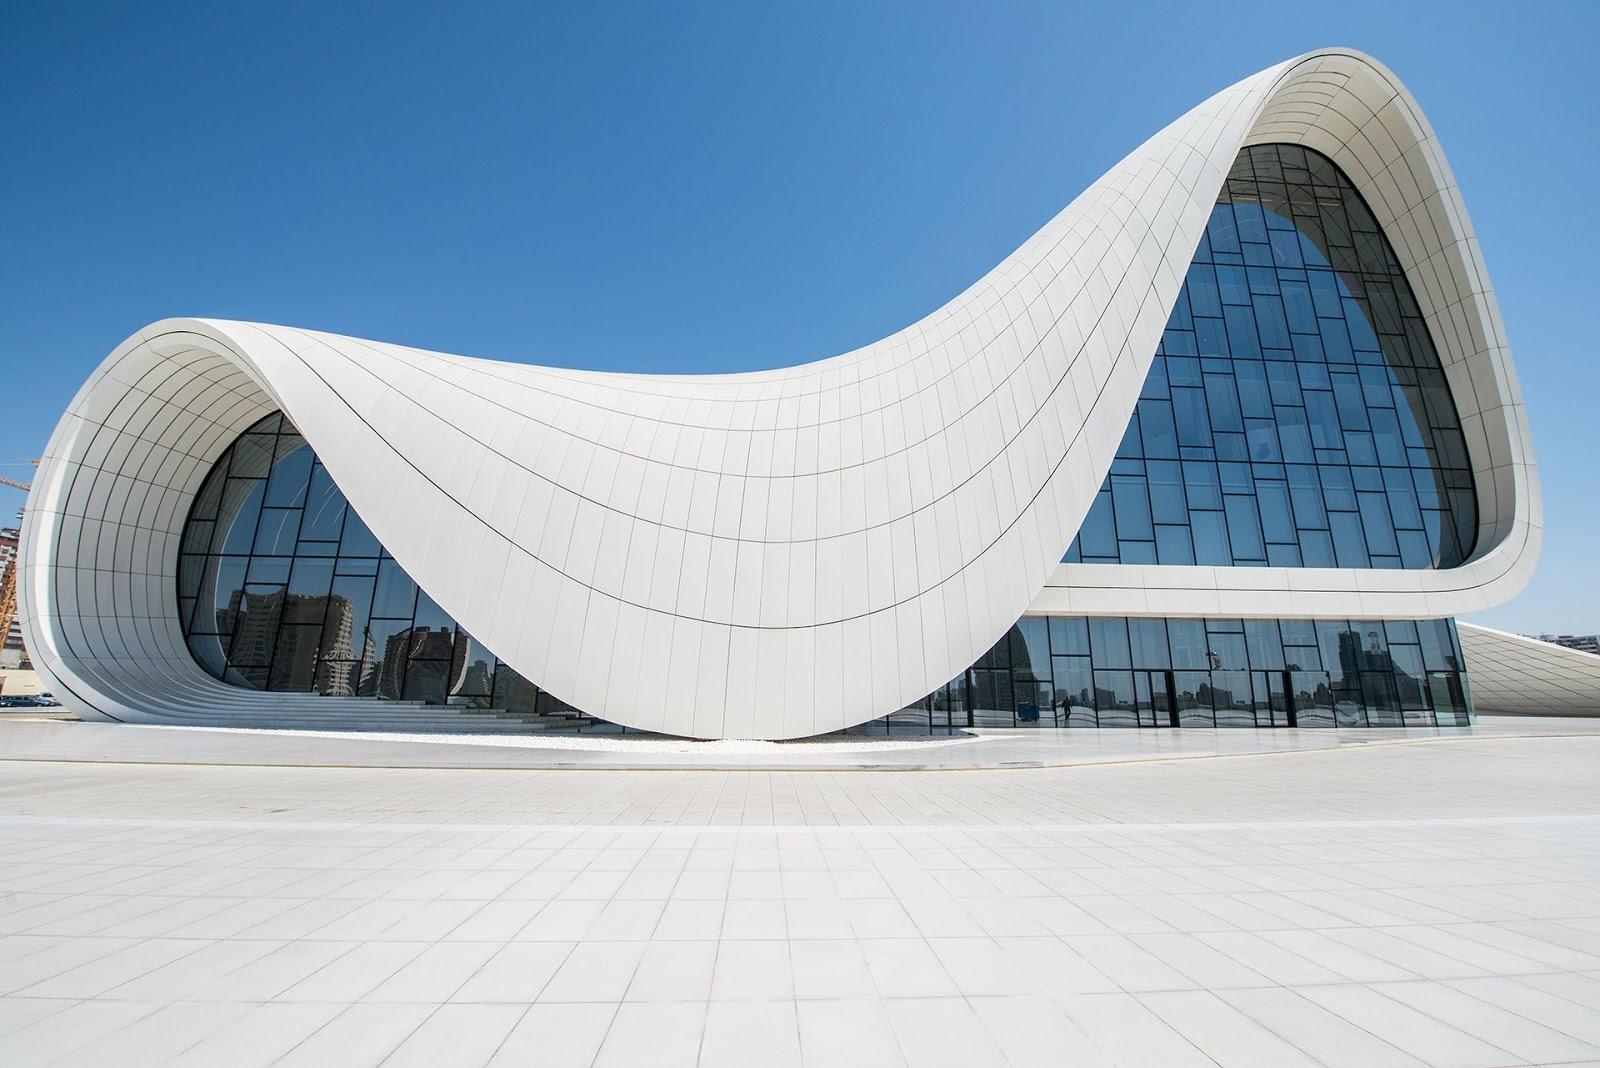 Avibert zaha hadid algunas de sus mayores obras for Arquitectos y sus obras